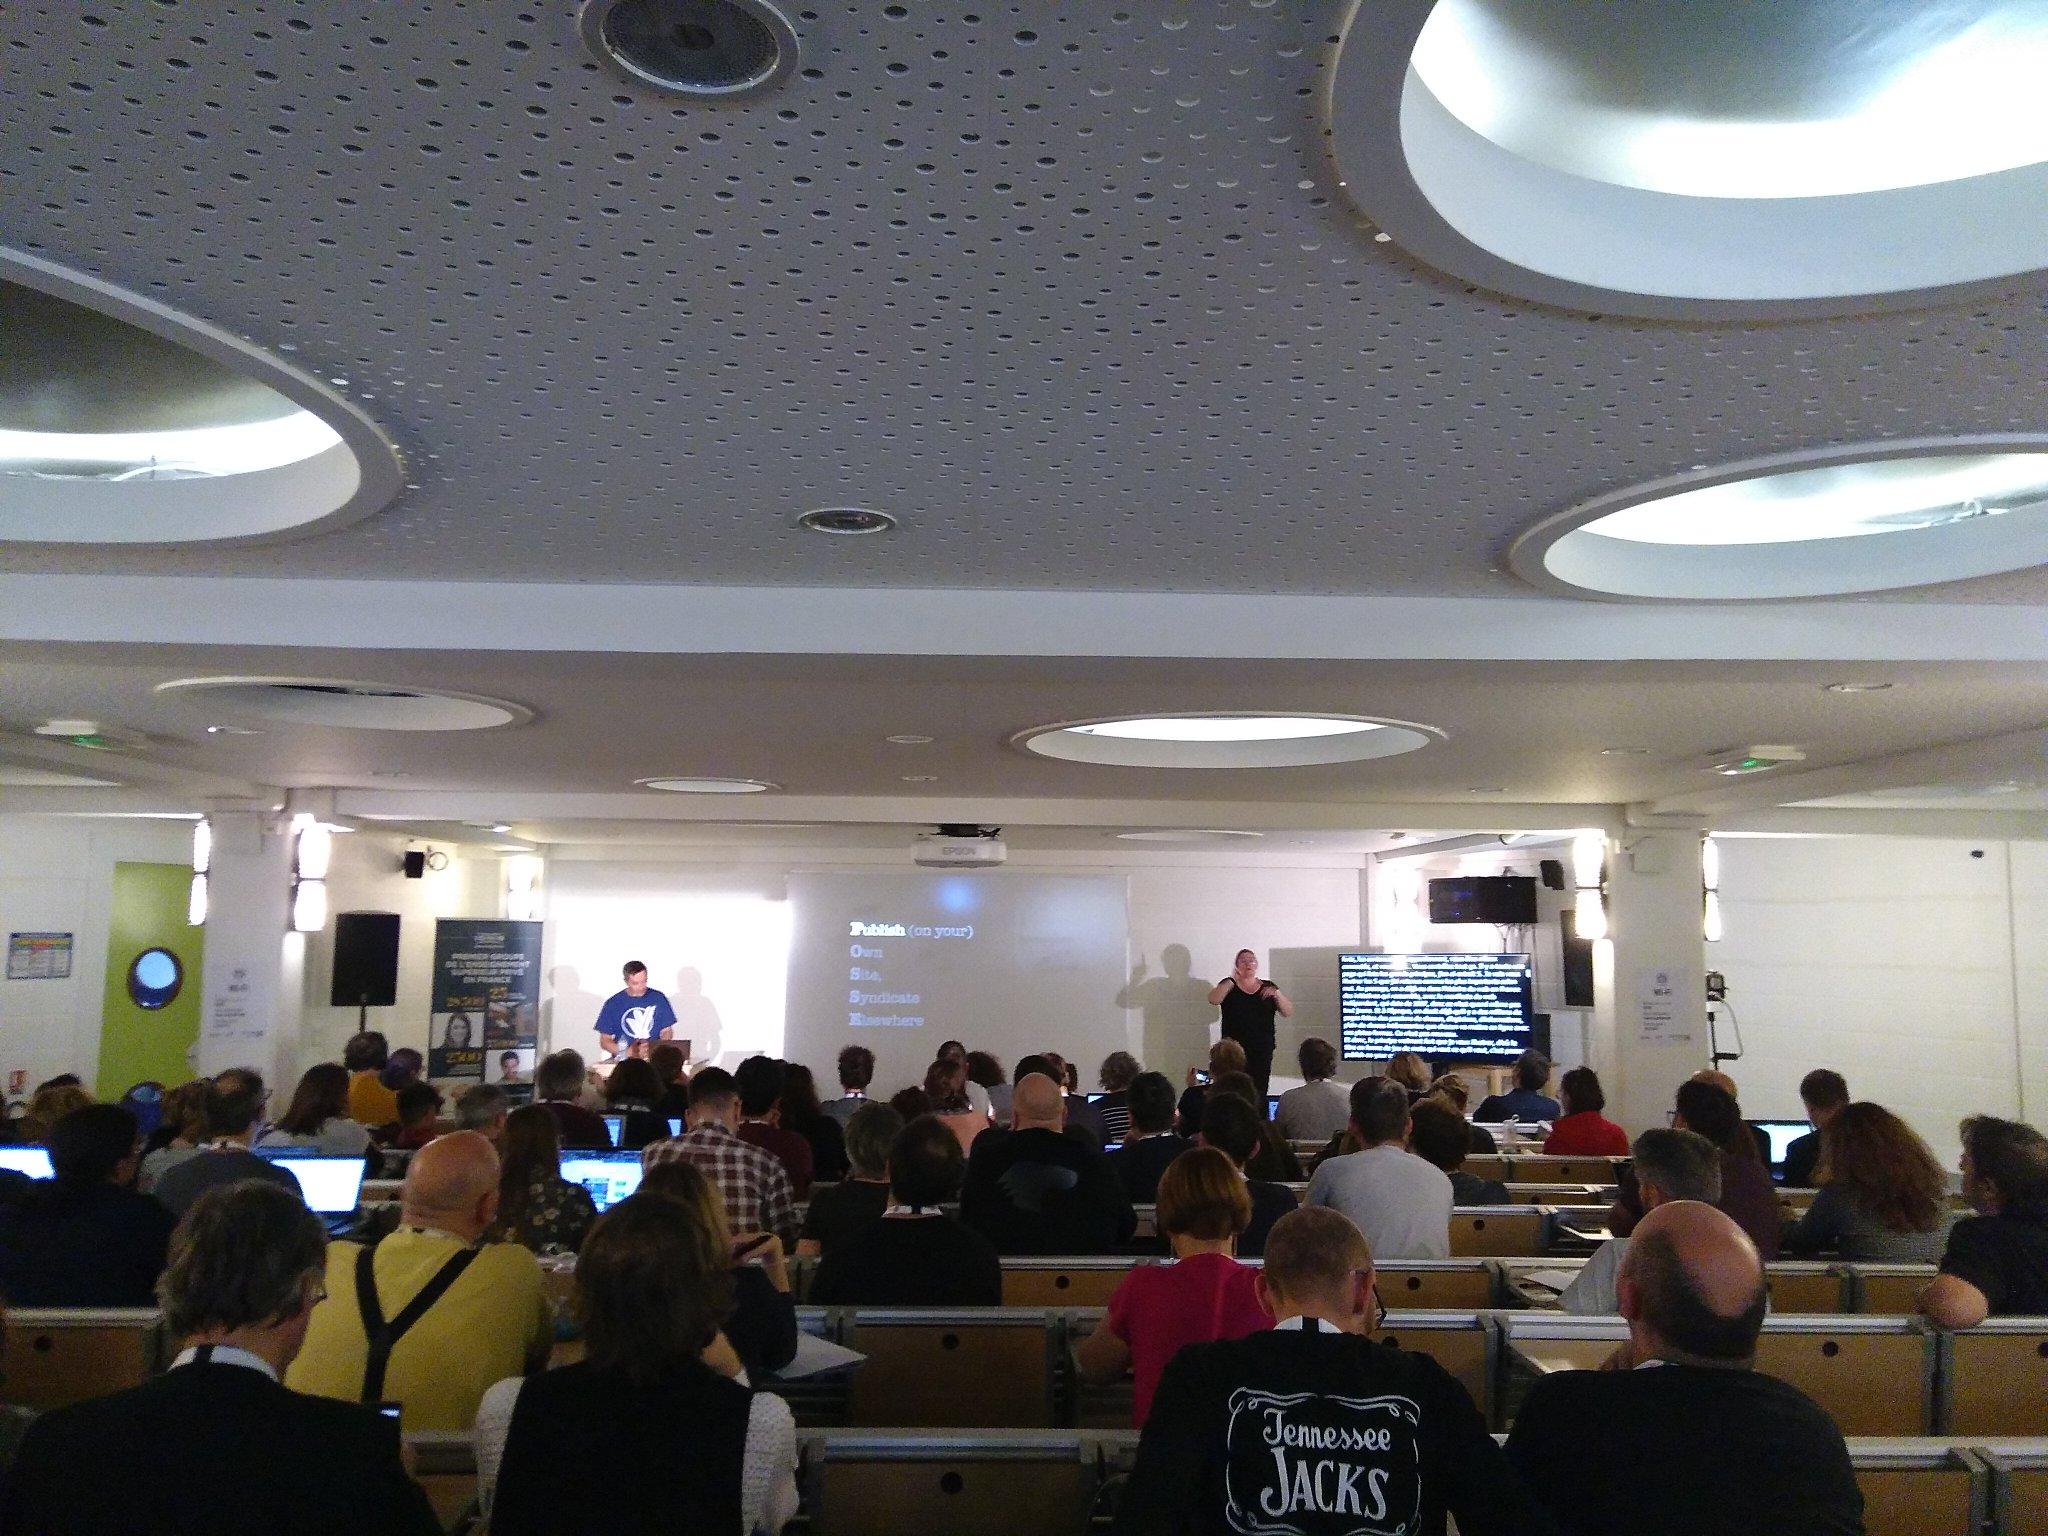 Nicholas Hoizey showing a slide explaining POSSE at the Paris Web conference